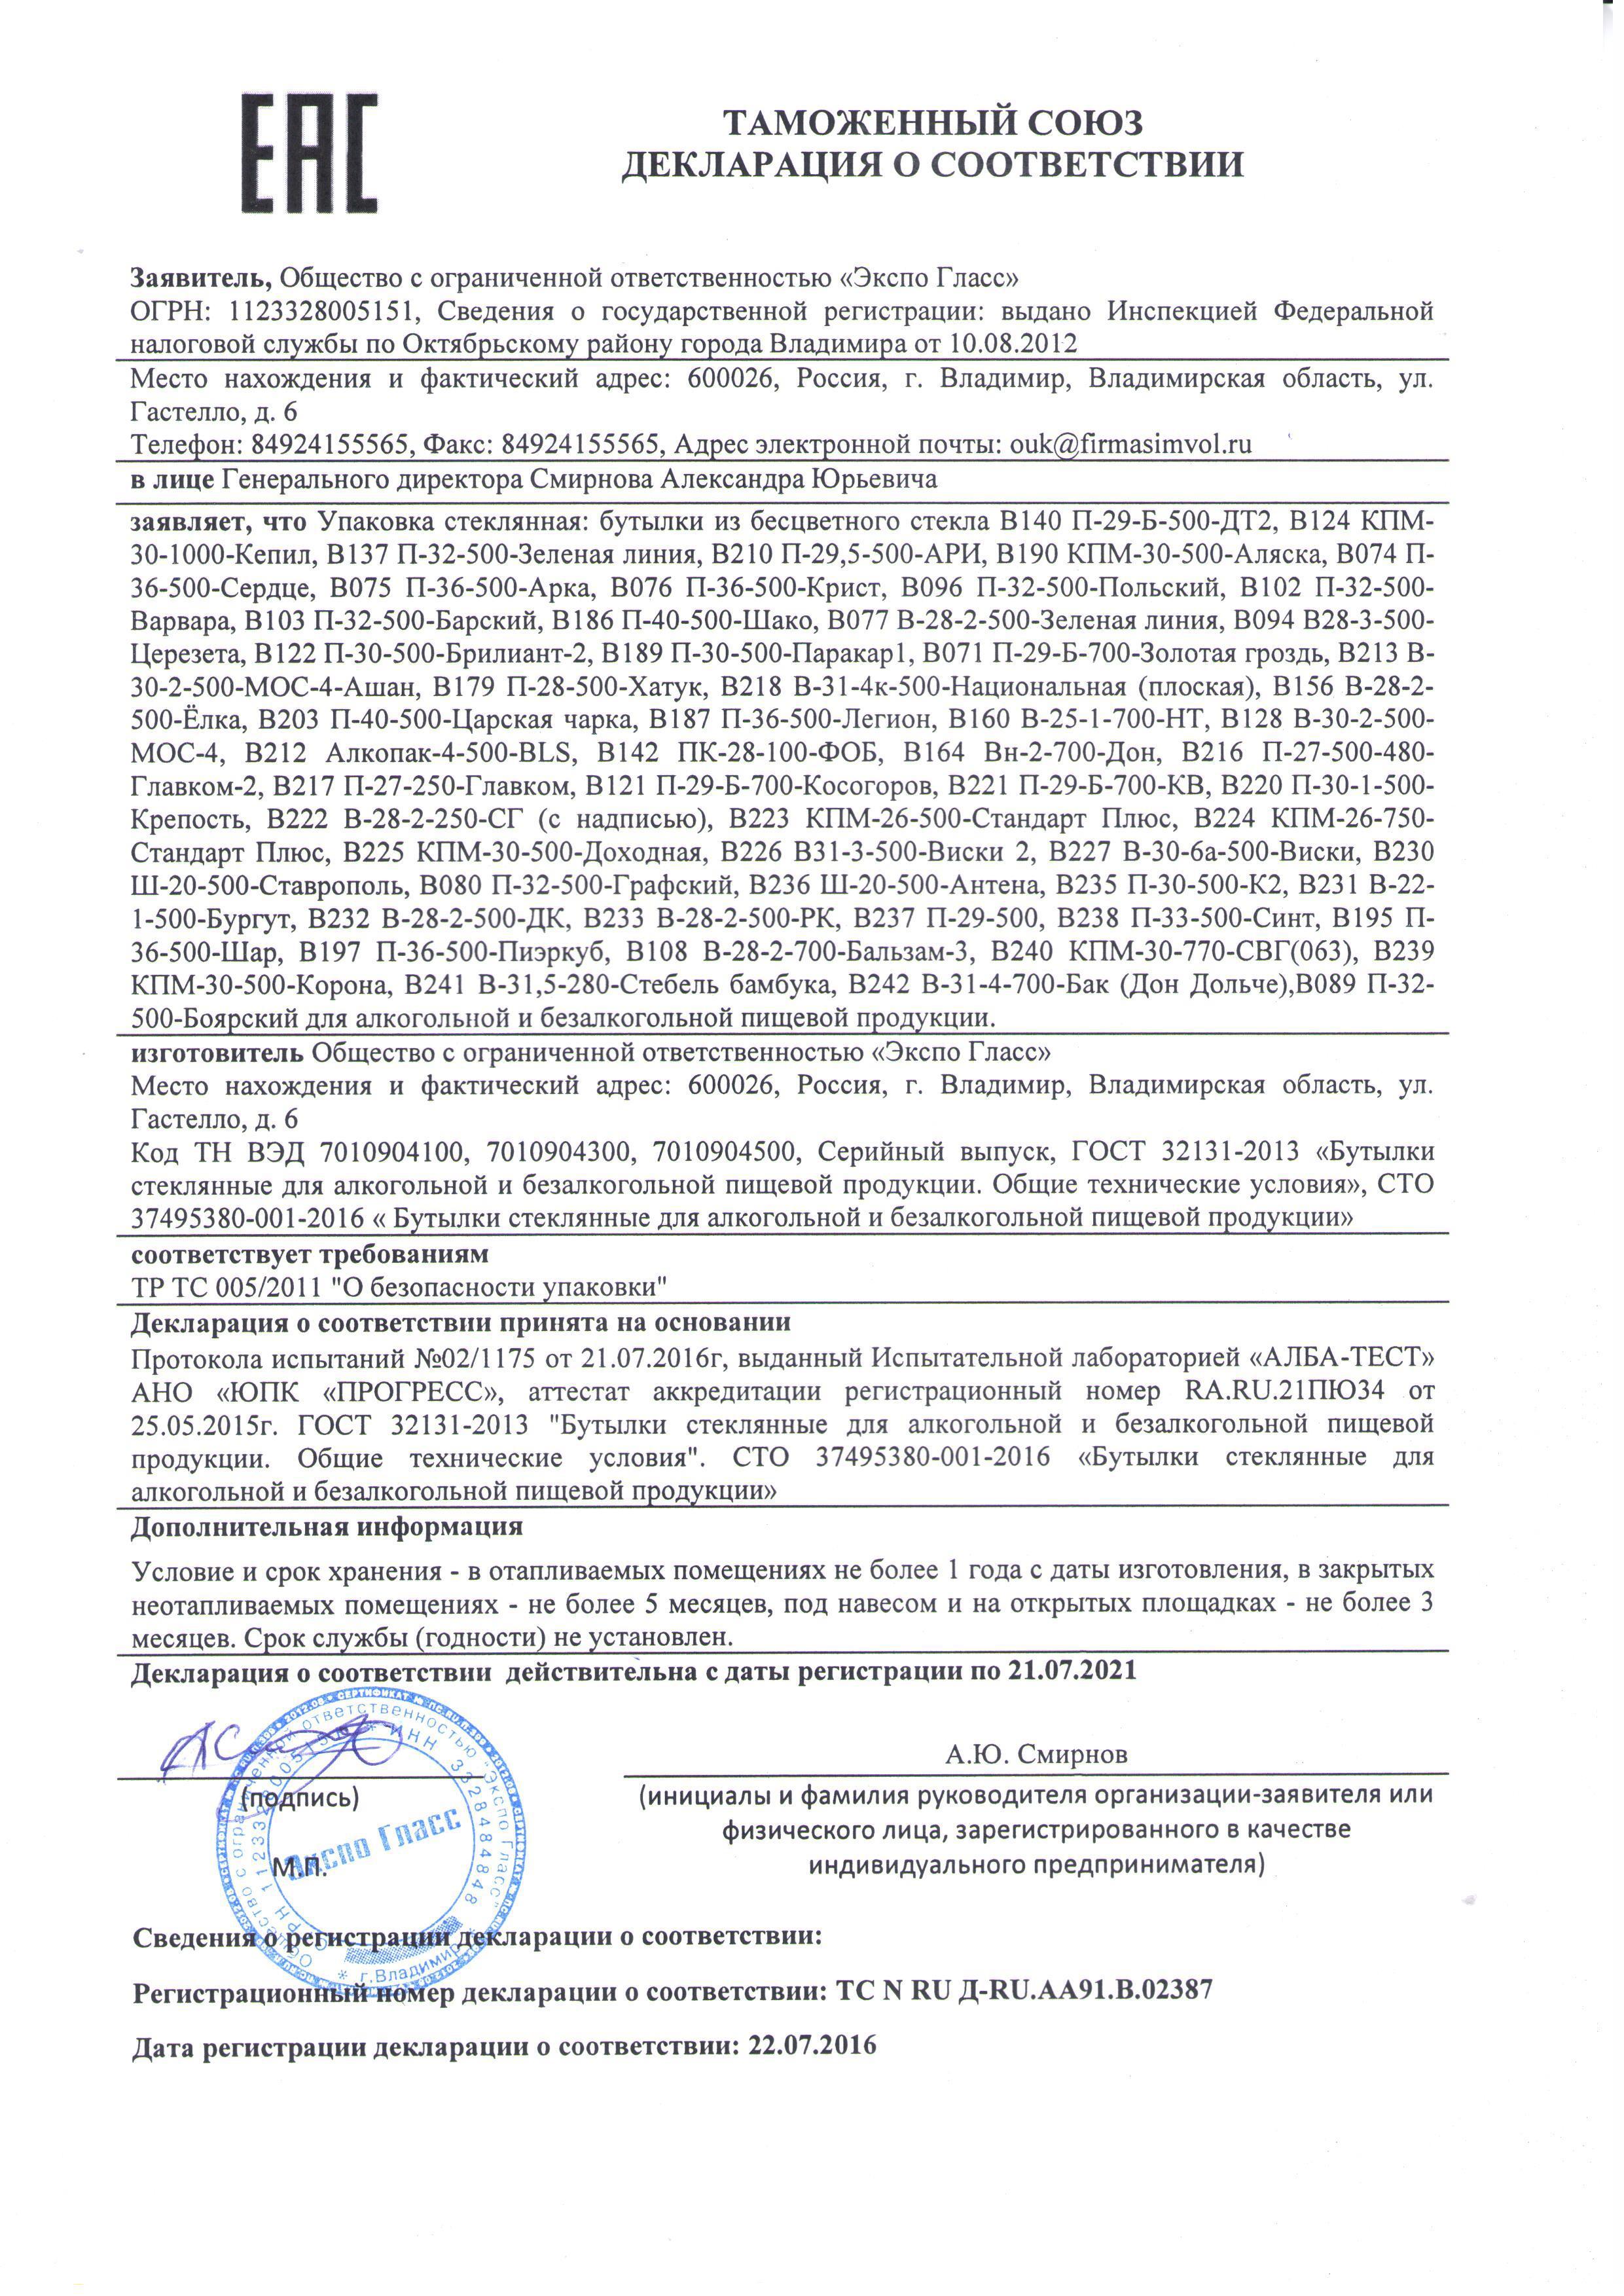 ТС № RU Д-RU АА91.В.02387